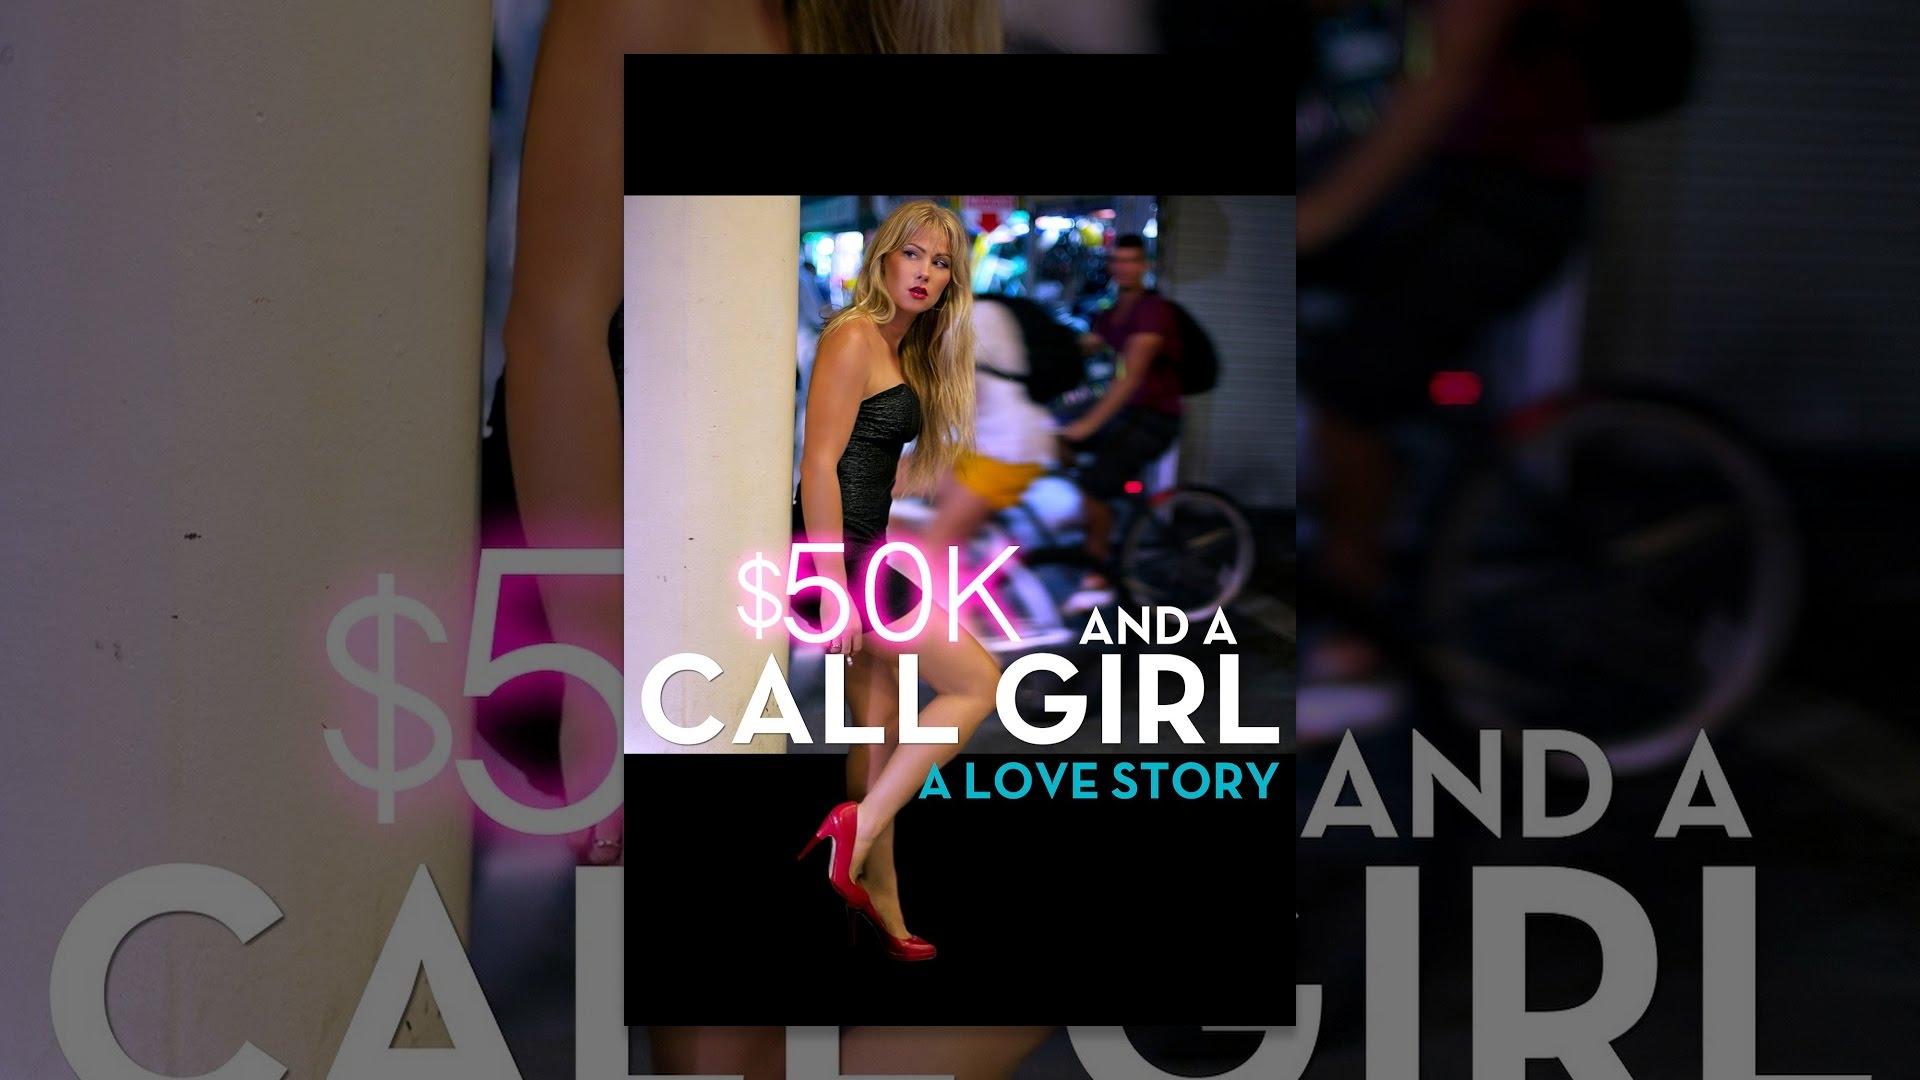 50k Call Girl Love Story Youtube